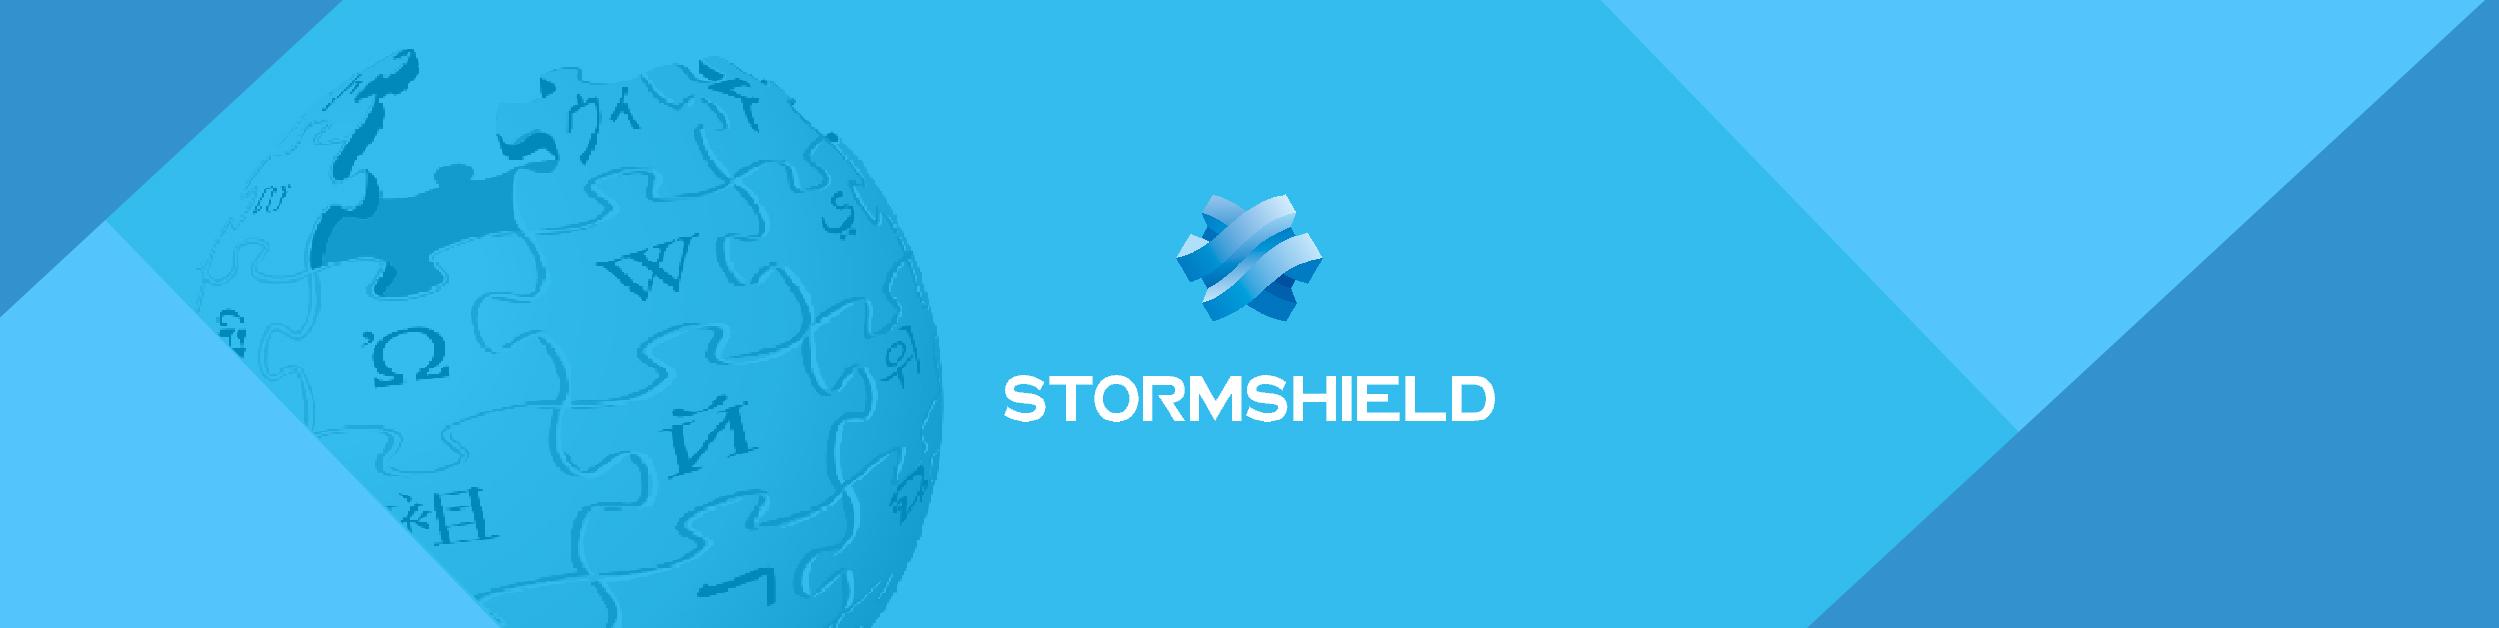 https://www.agence-ultramedia.com/Logo%20Stormshield